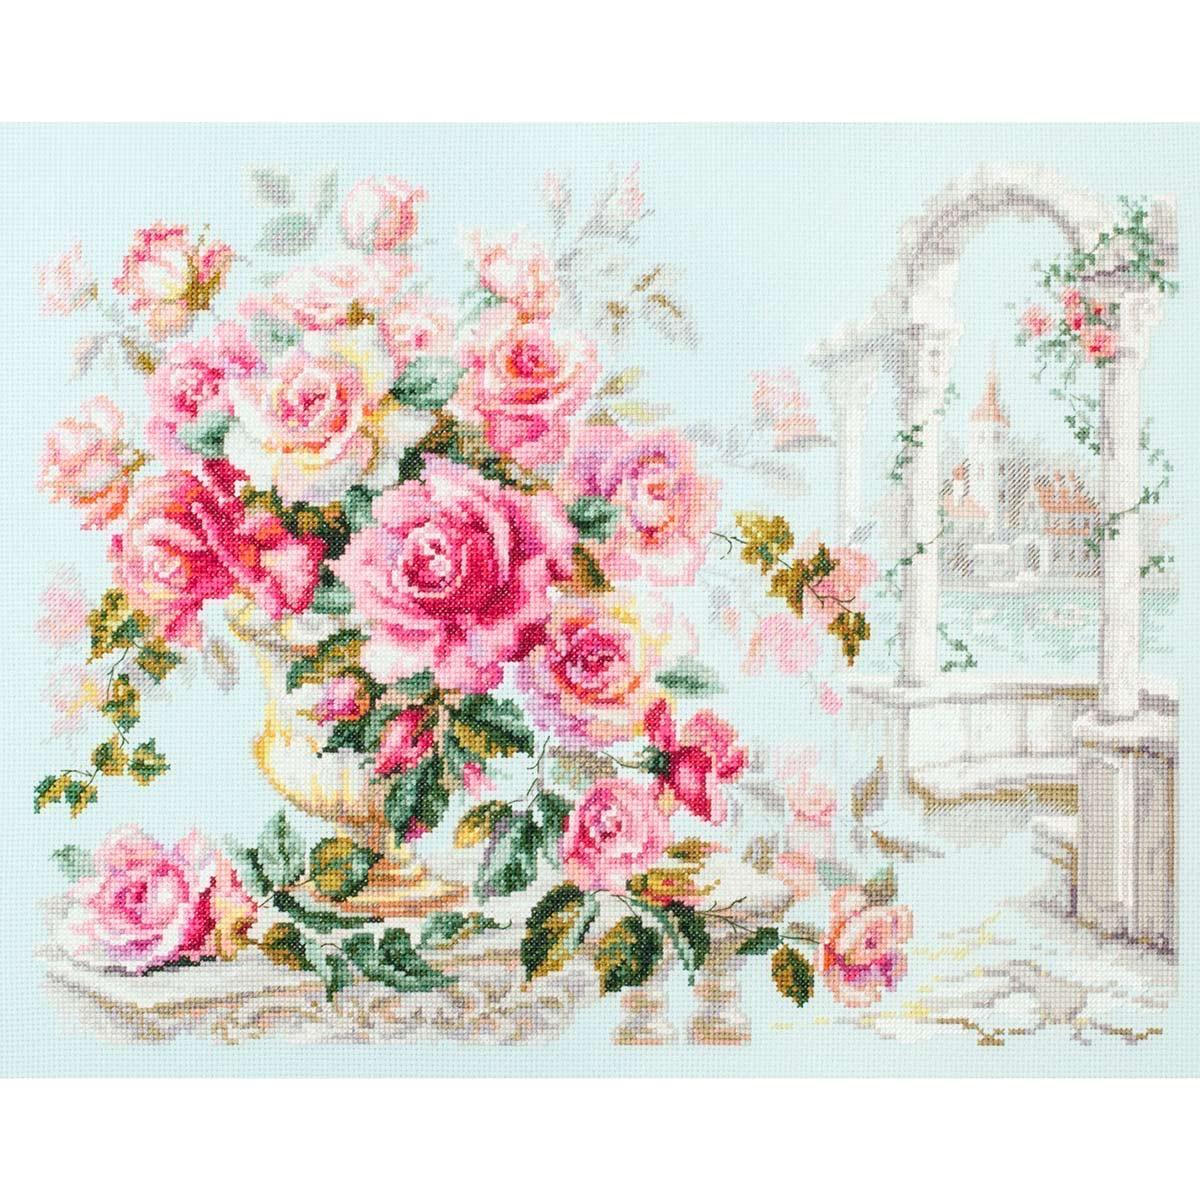 110-011 Набор для вышивания Чудесная игла 'Розы для герцогини'40*30см